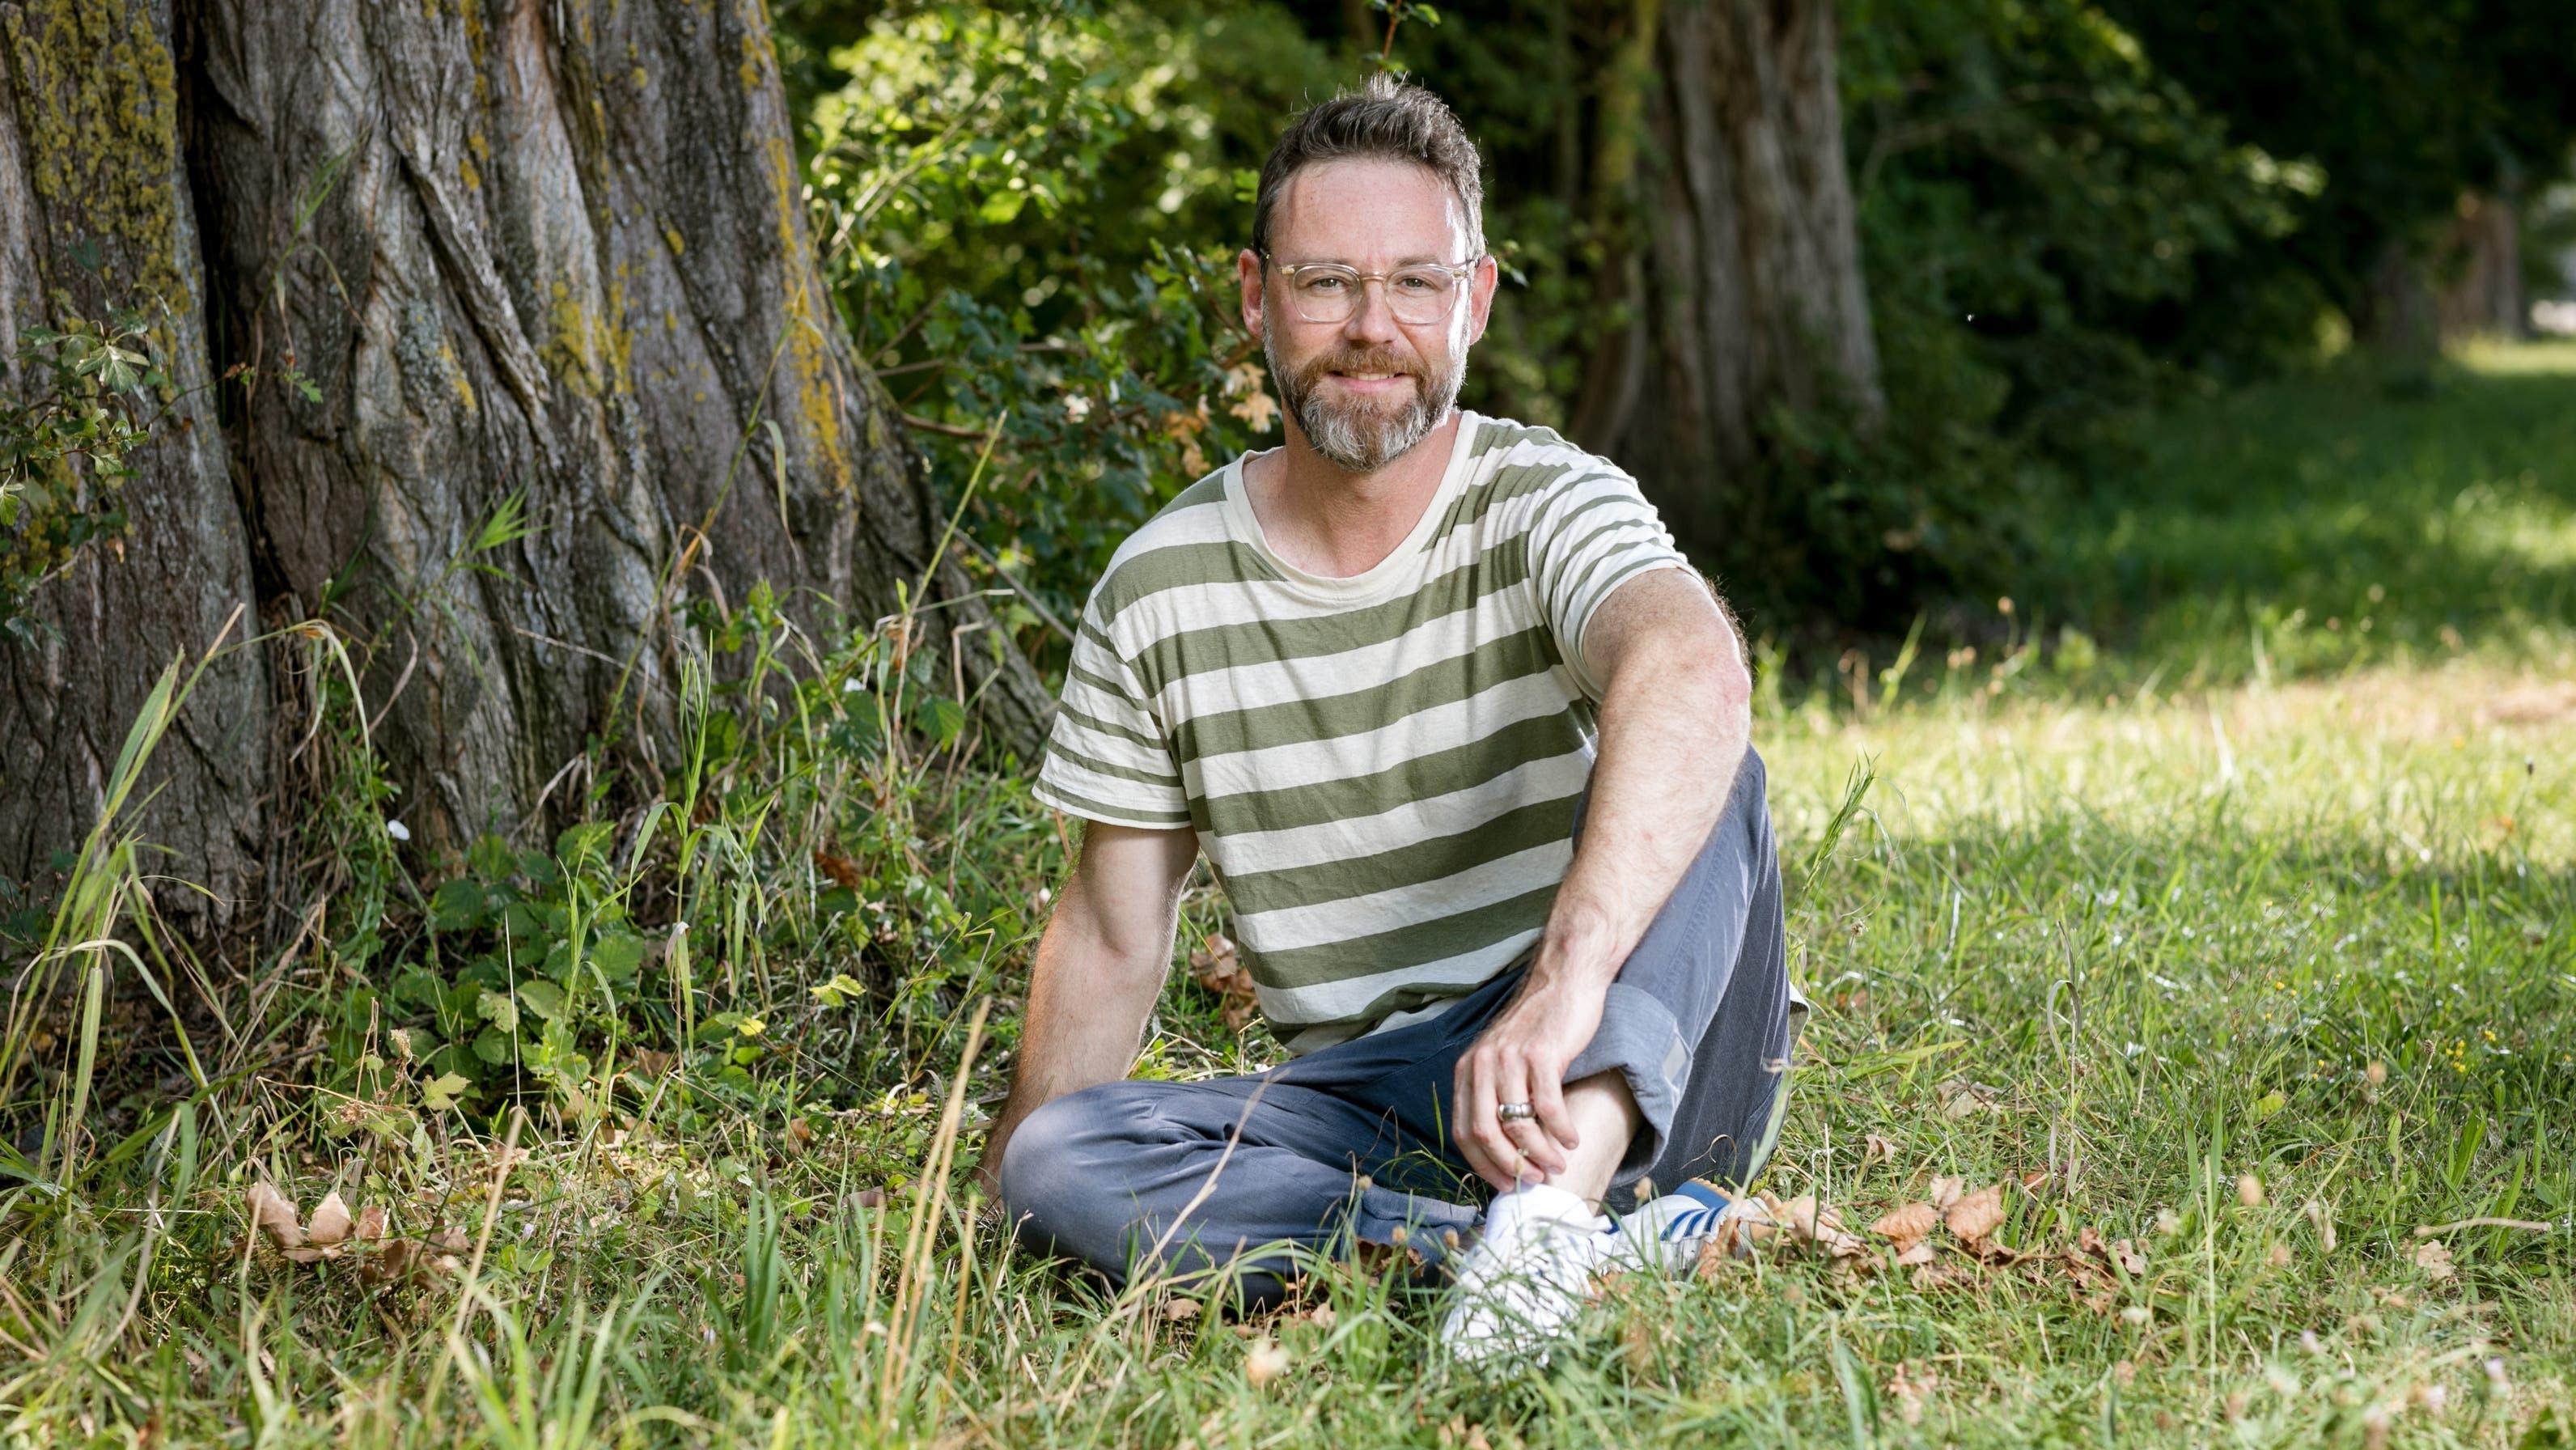 Fühlt sich in der Natur am wohlsten: Moderator Nik Hartmann auf einer Wiese wenige Schritte vom SRF-Hauptsitz in Zürich am Leutschenbach. (Bild: Sandra Ardizzone)